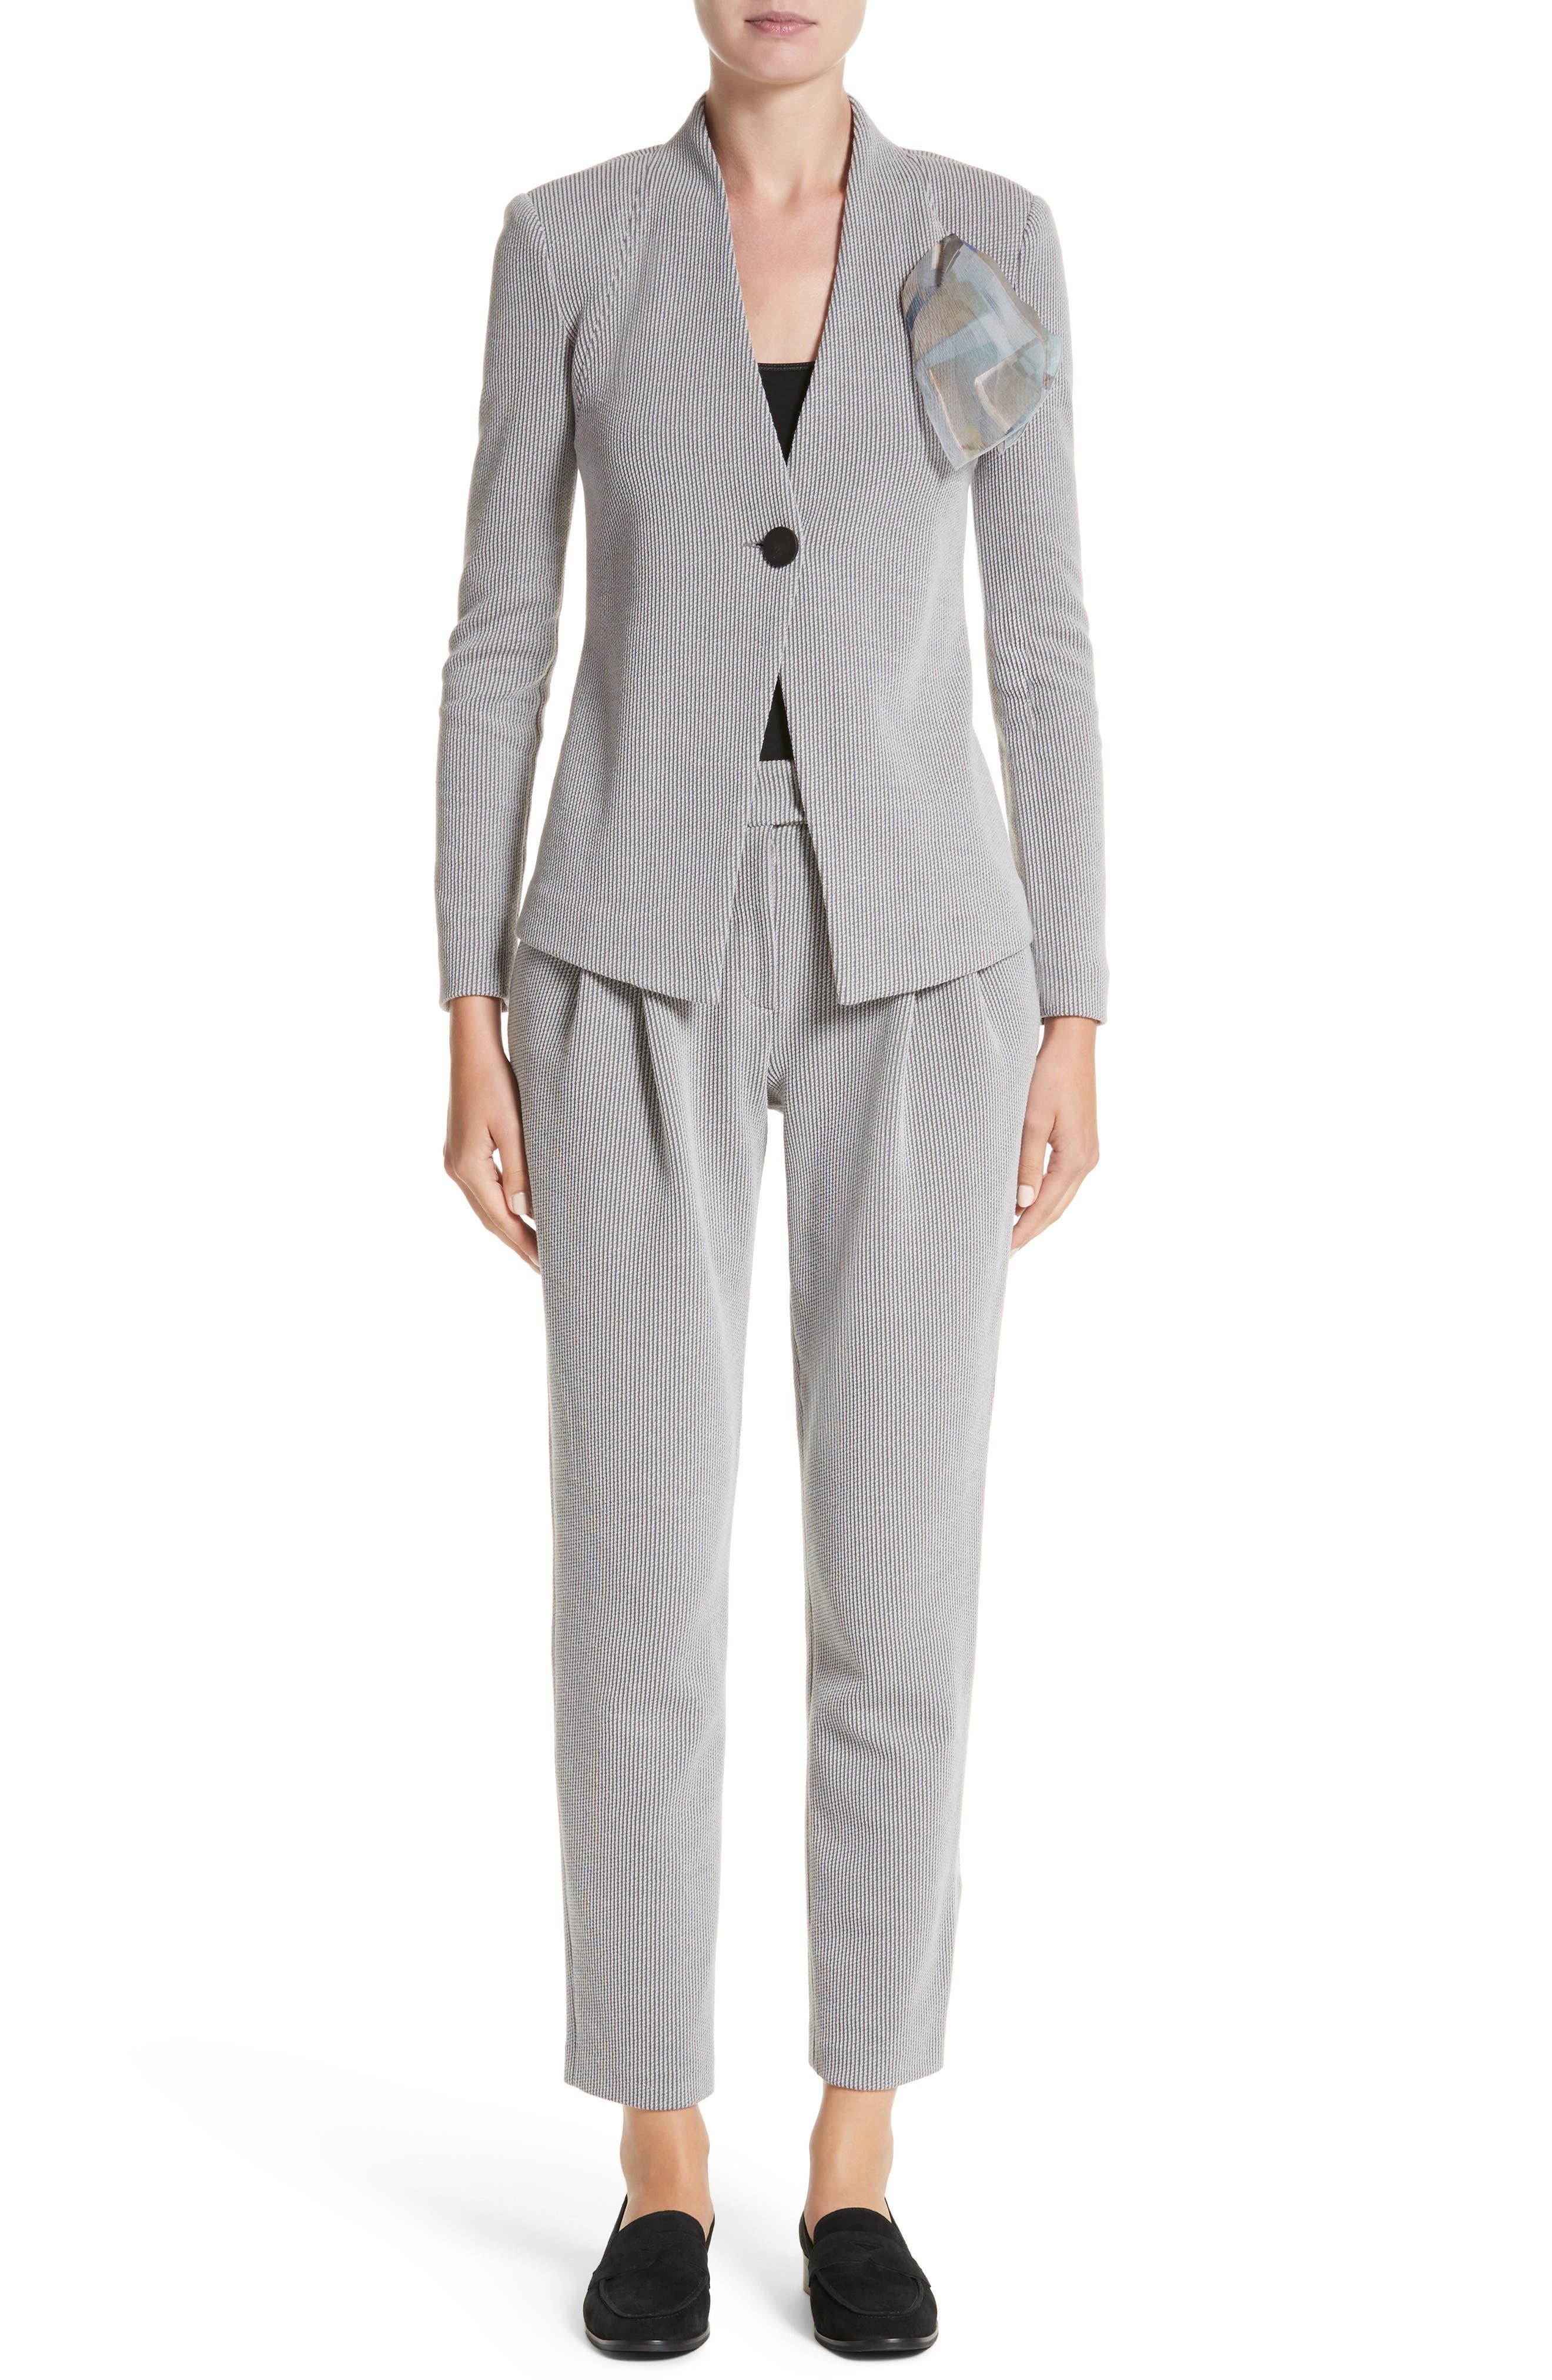 Pleated Stripe Jacquard Pants,                             Alternate thumbnail 7, color,                             Grey Multi